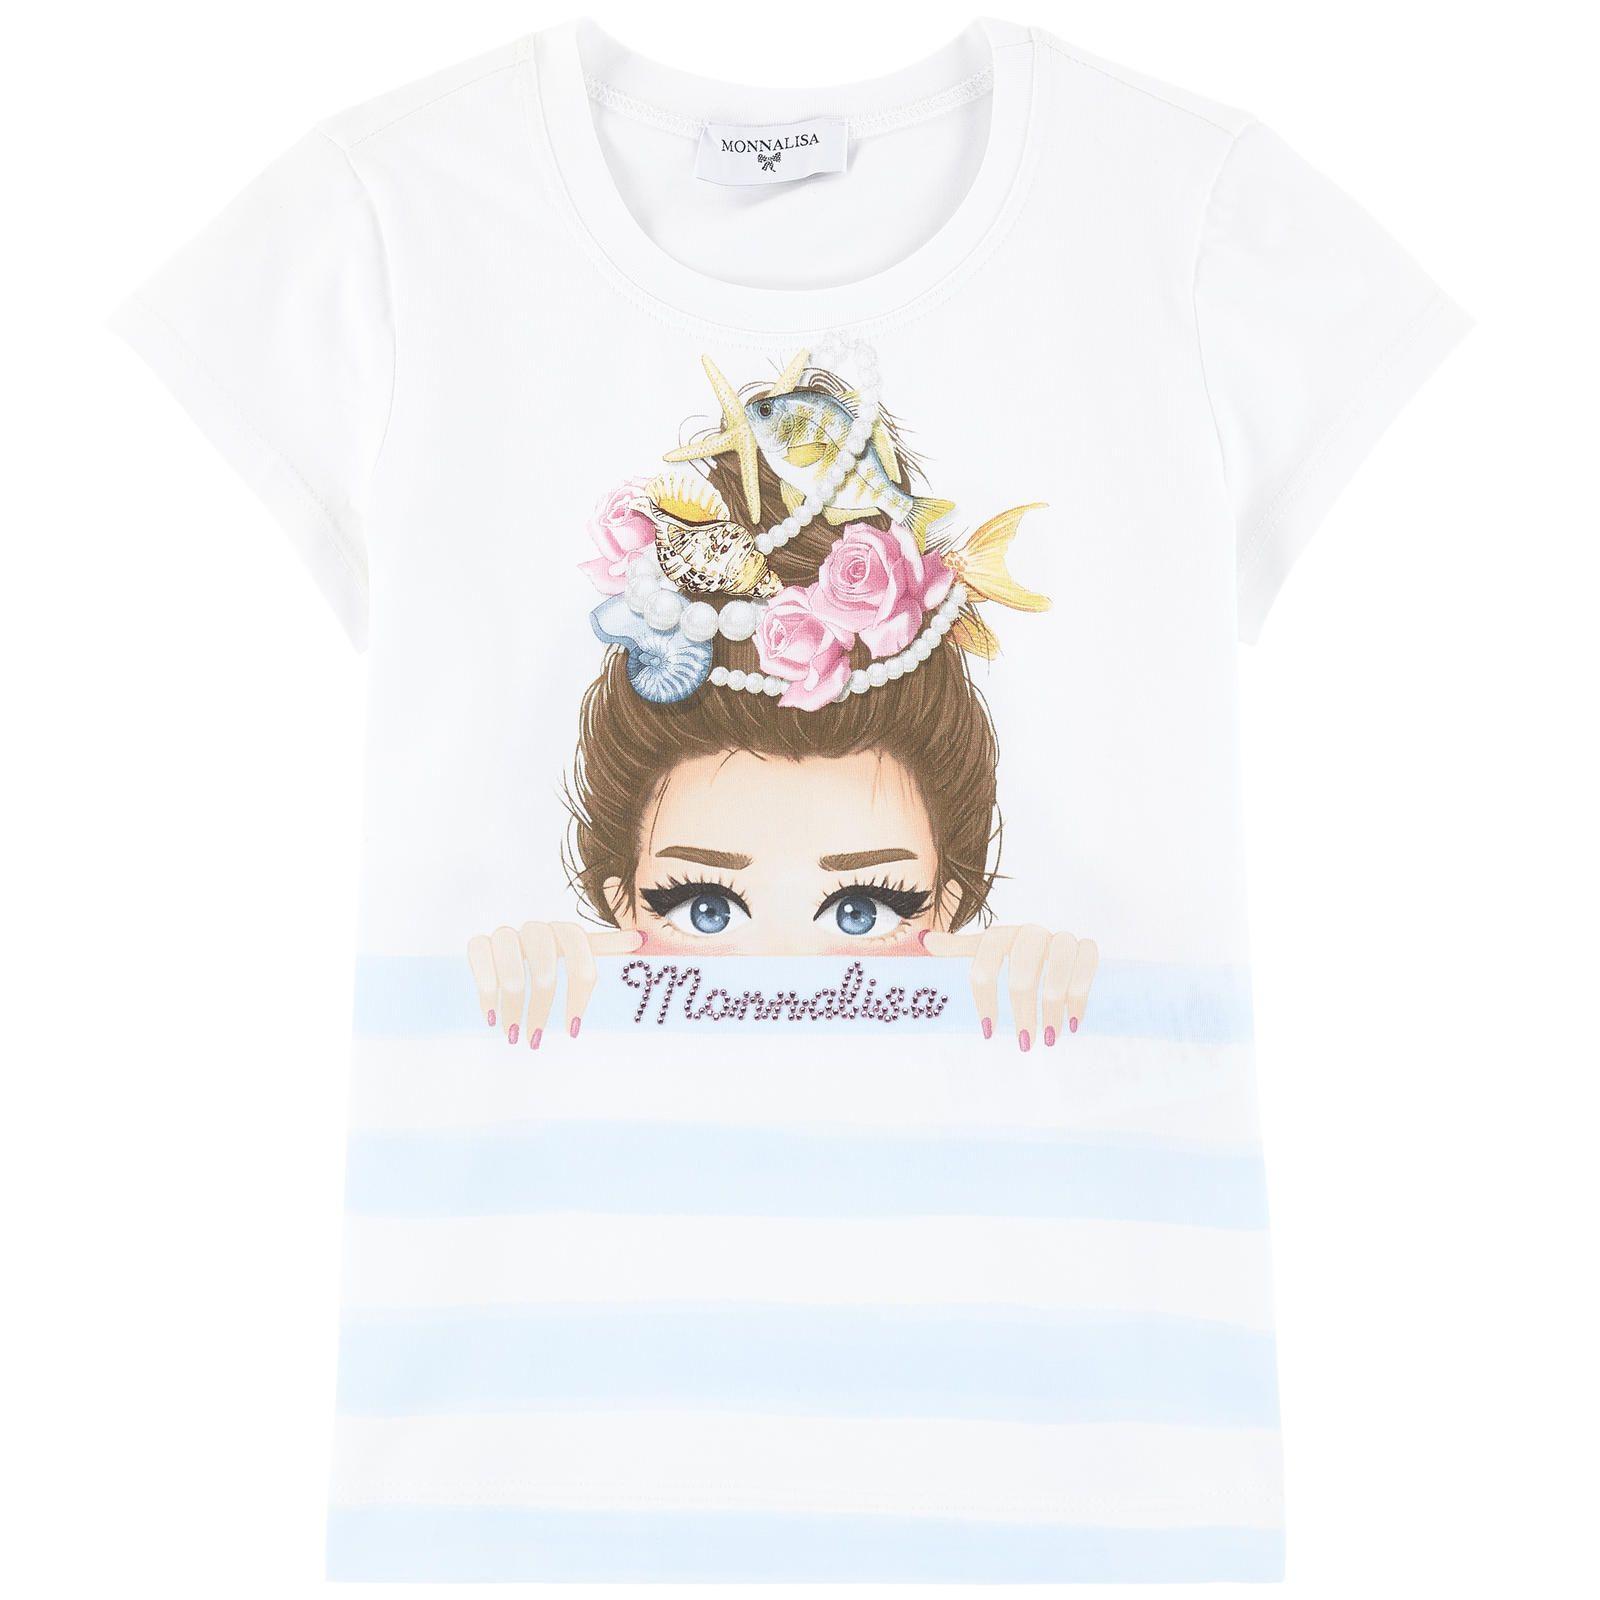 b1cb2e02d Printed T-shirt Monnalisa for girls   Melijoe.com   L&C Drop off ...